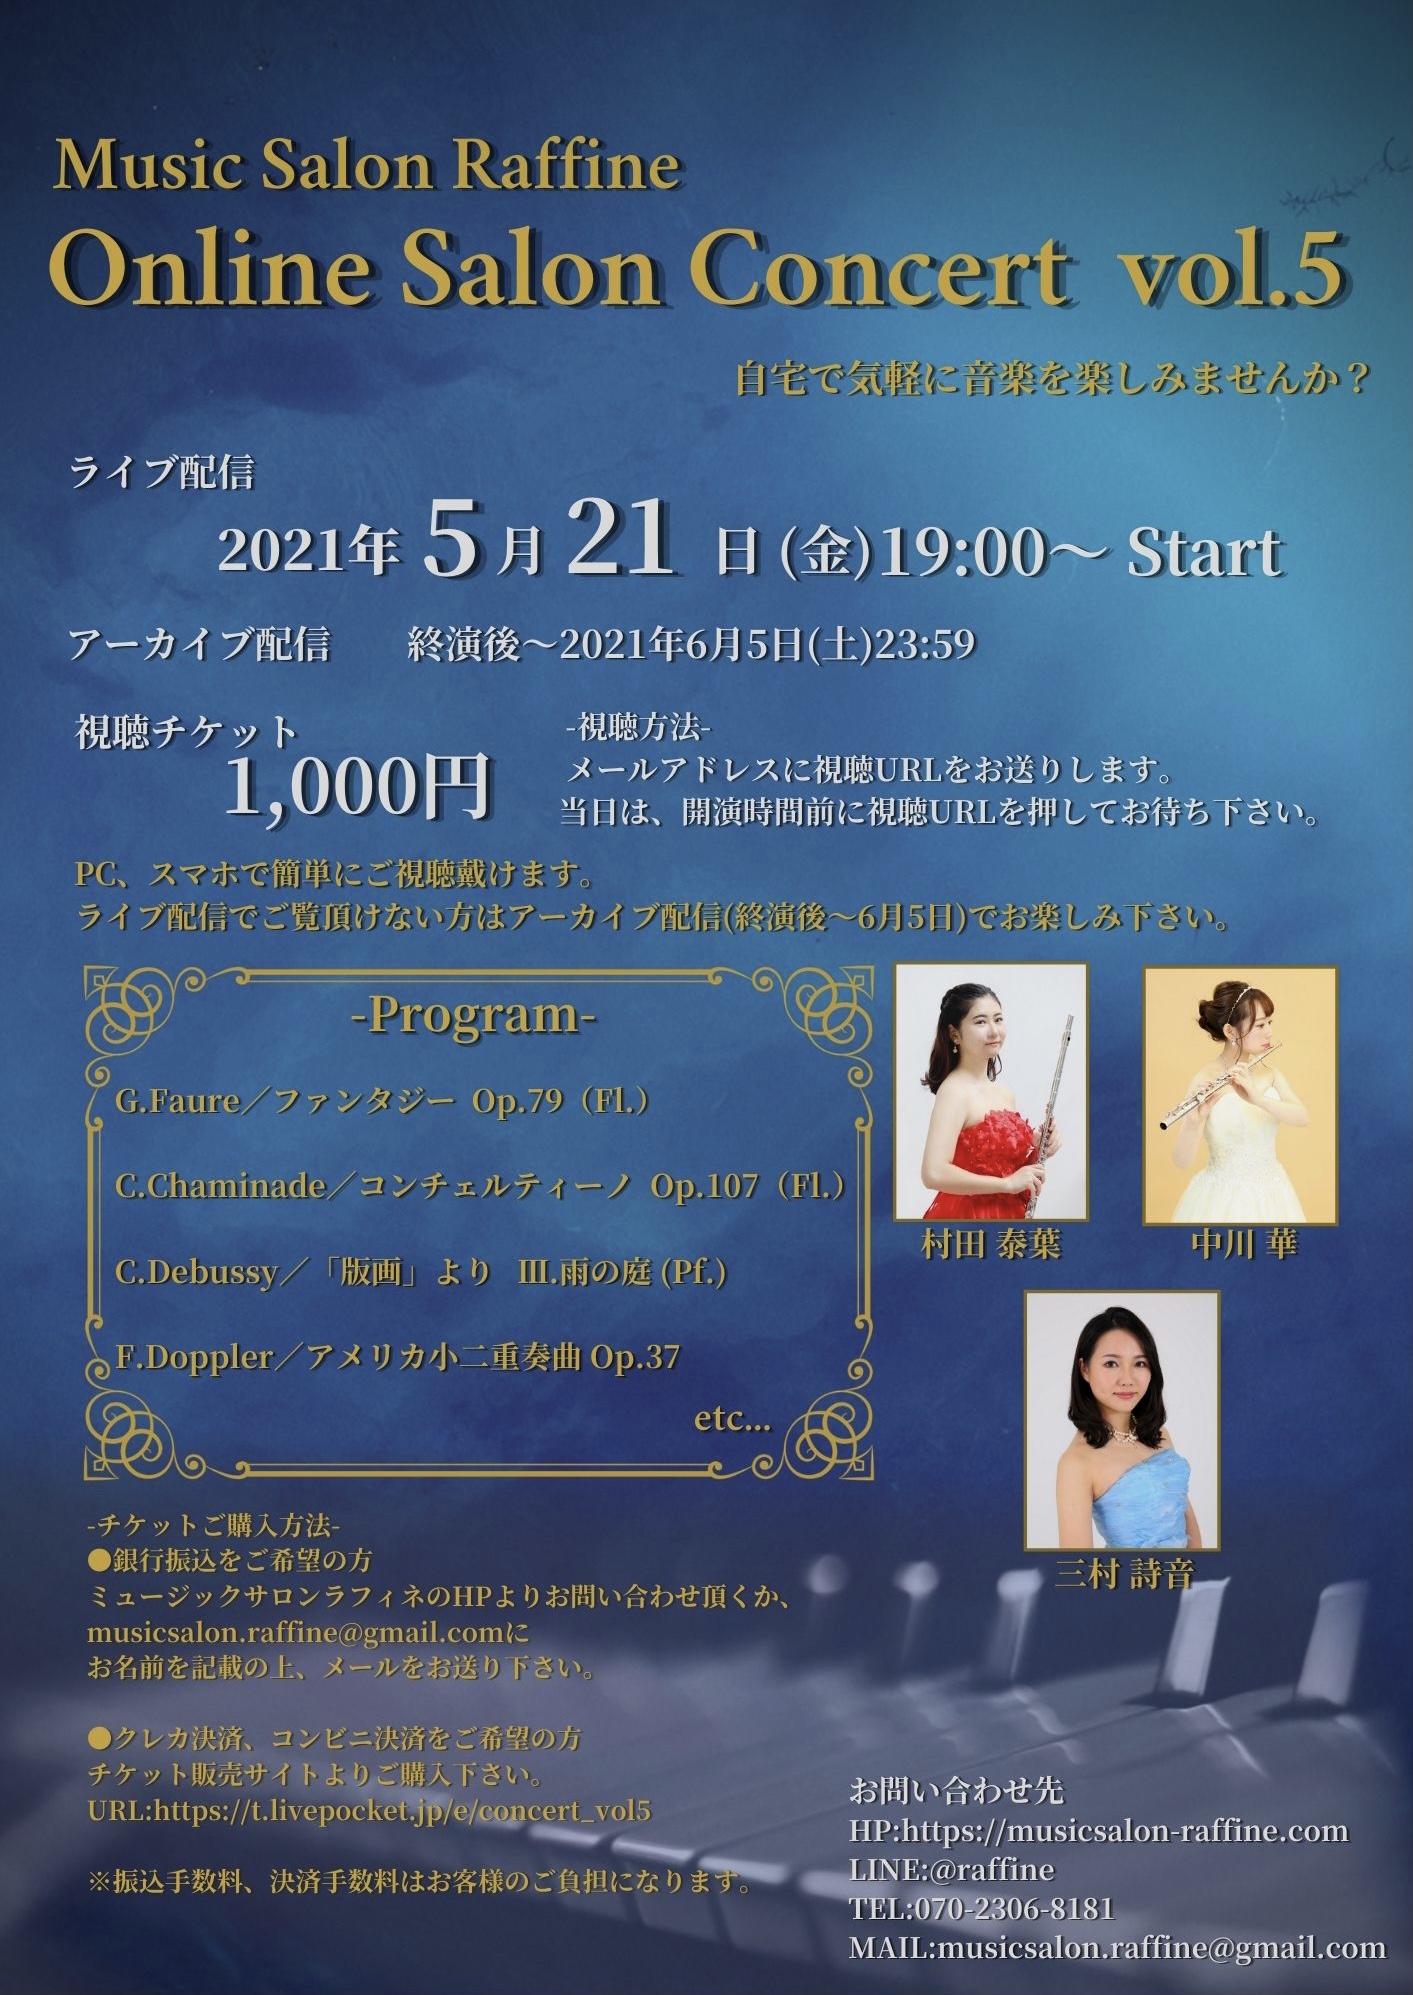 オンラインサロンコンサート vol.5